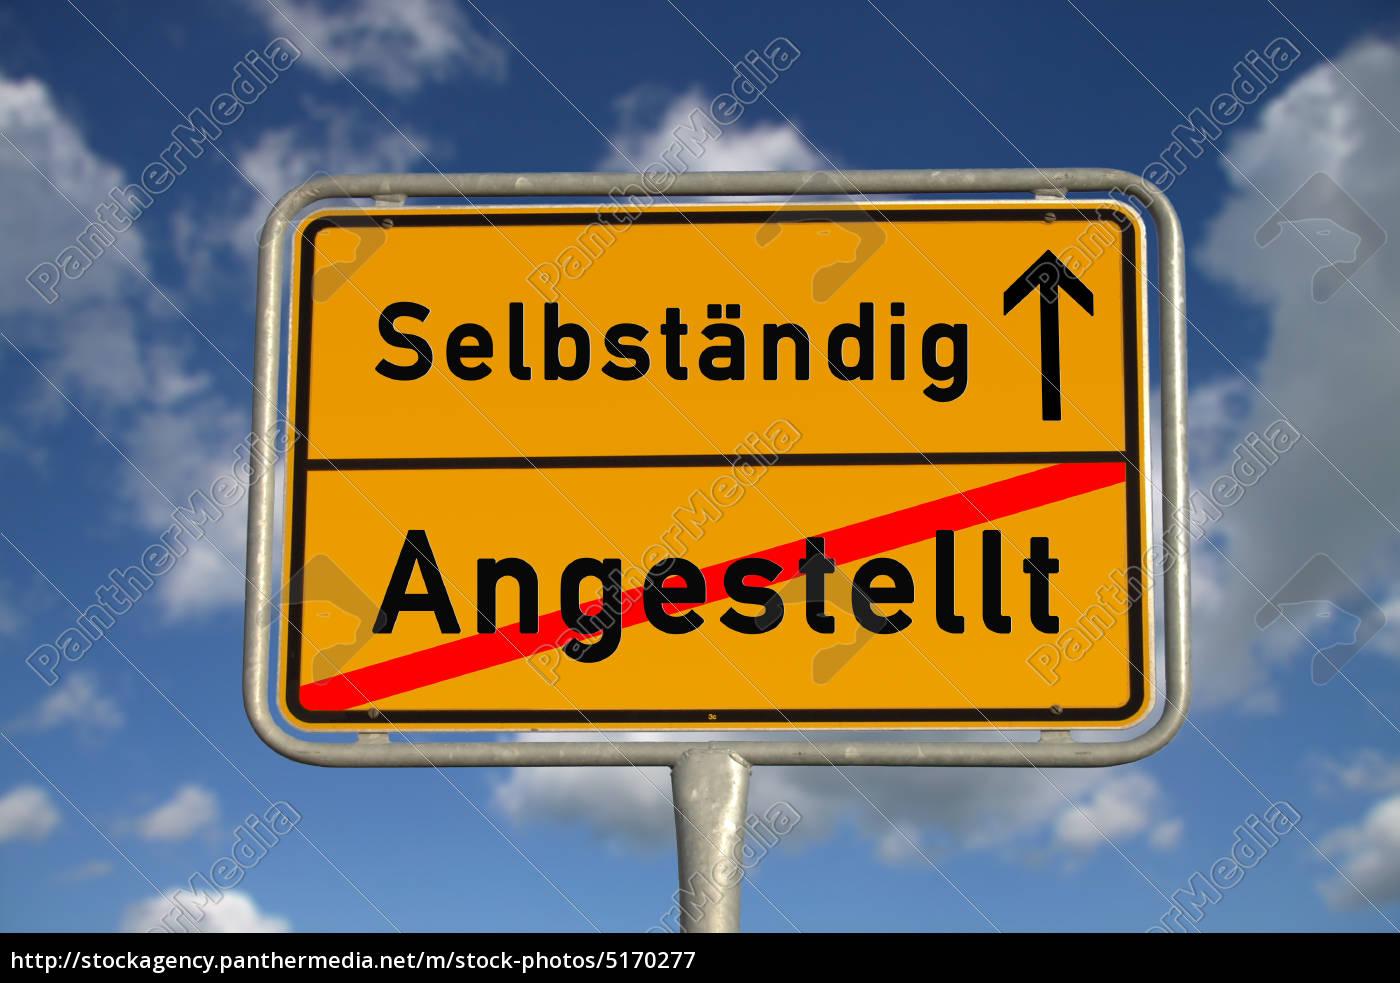 Deutsches Ortsschild Angestellt Selbständig Lizenzfreies Bild